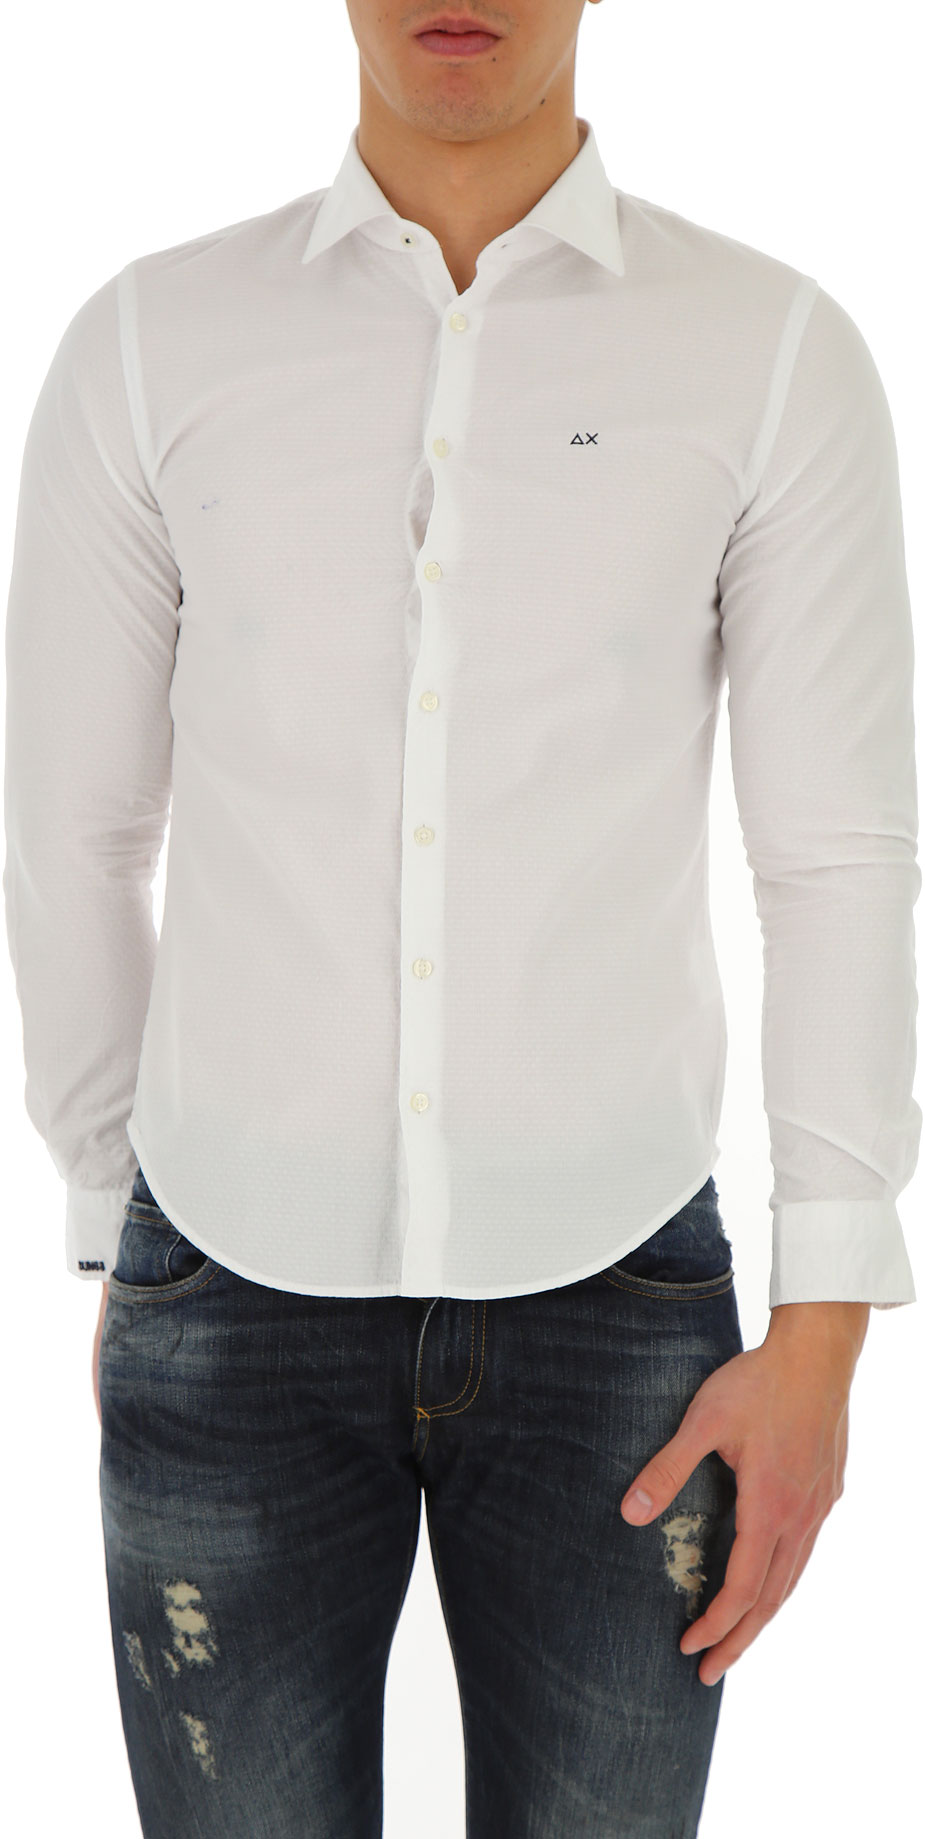 Abbigliamento Uomo Sun68, Codice Articolo: s18104-01c-